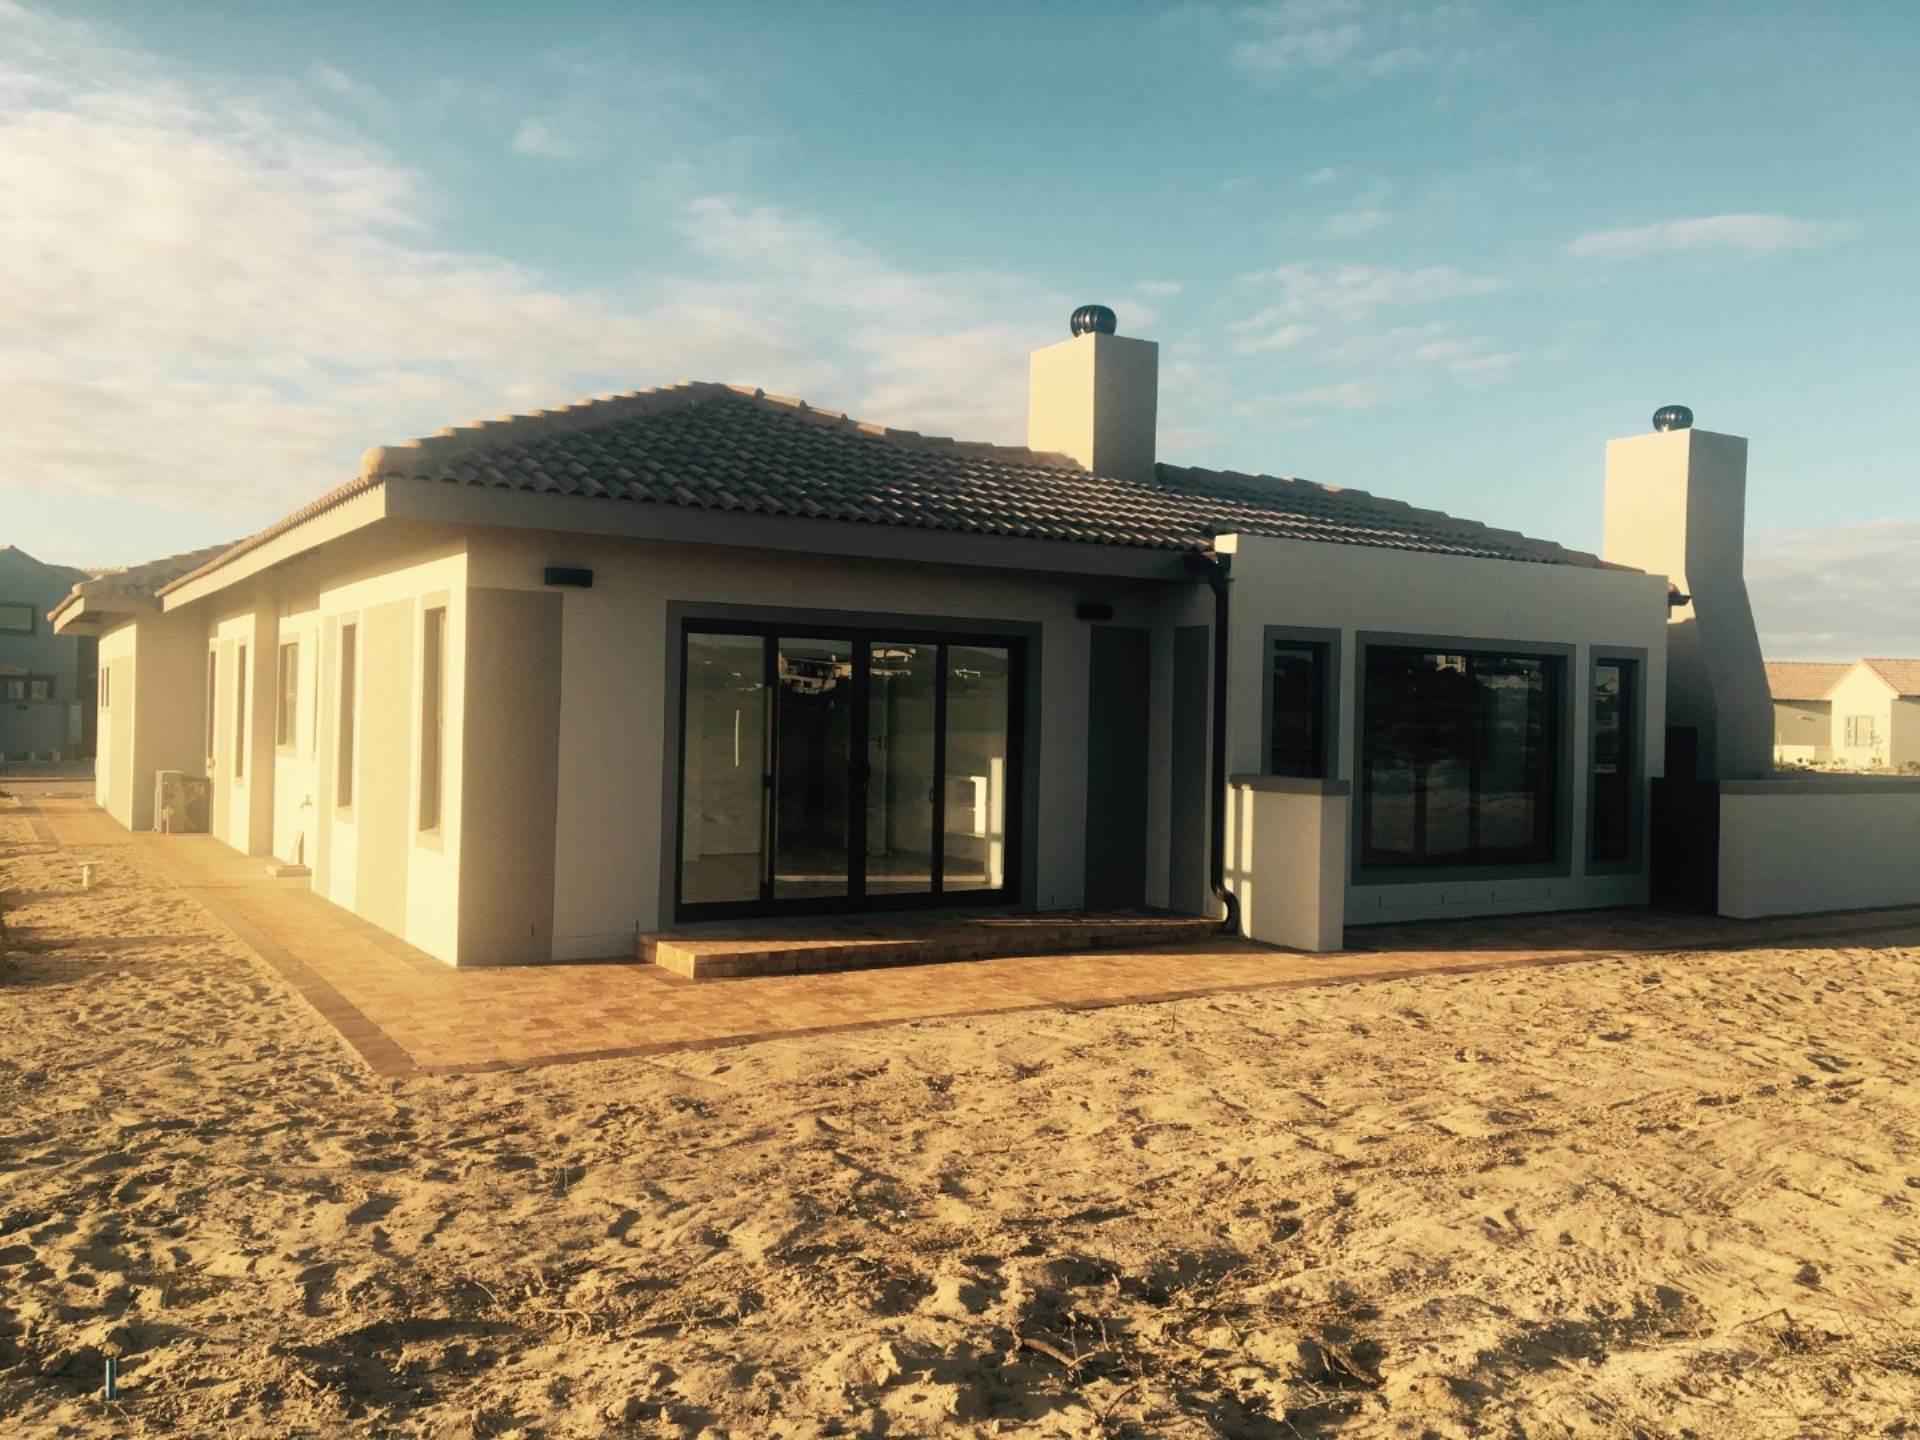 3 BedroomHouse For Sale In Langebaan Country Estate